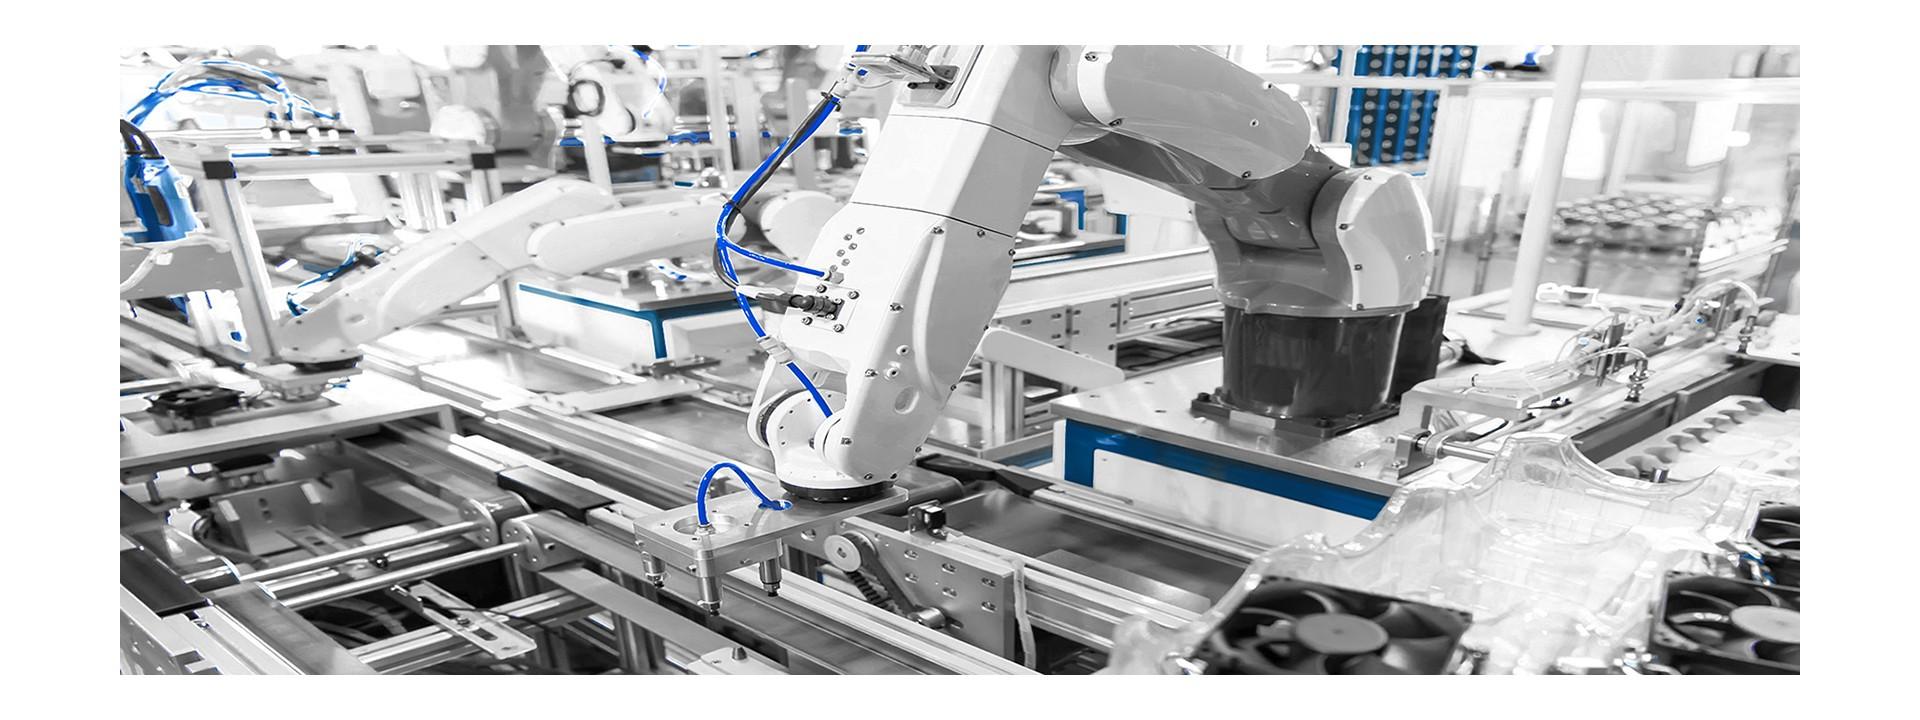 Ricambi per industria metalmeccanica, industria alimentare, industria tessile, industria plastica, industria petrolchimica,industria mineraria, industria cartaria, industria manifatturiera, industria delle costruzioni